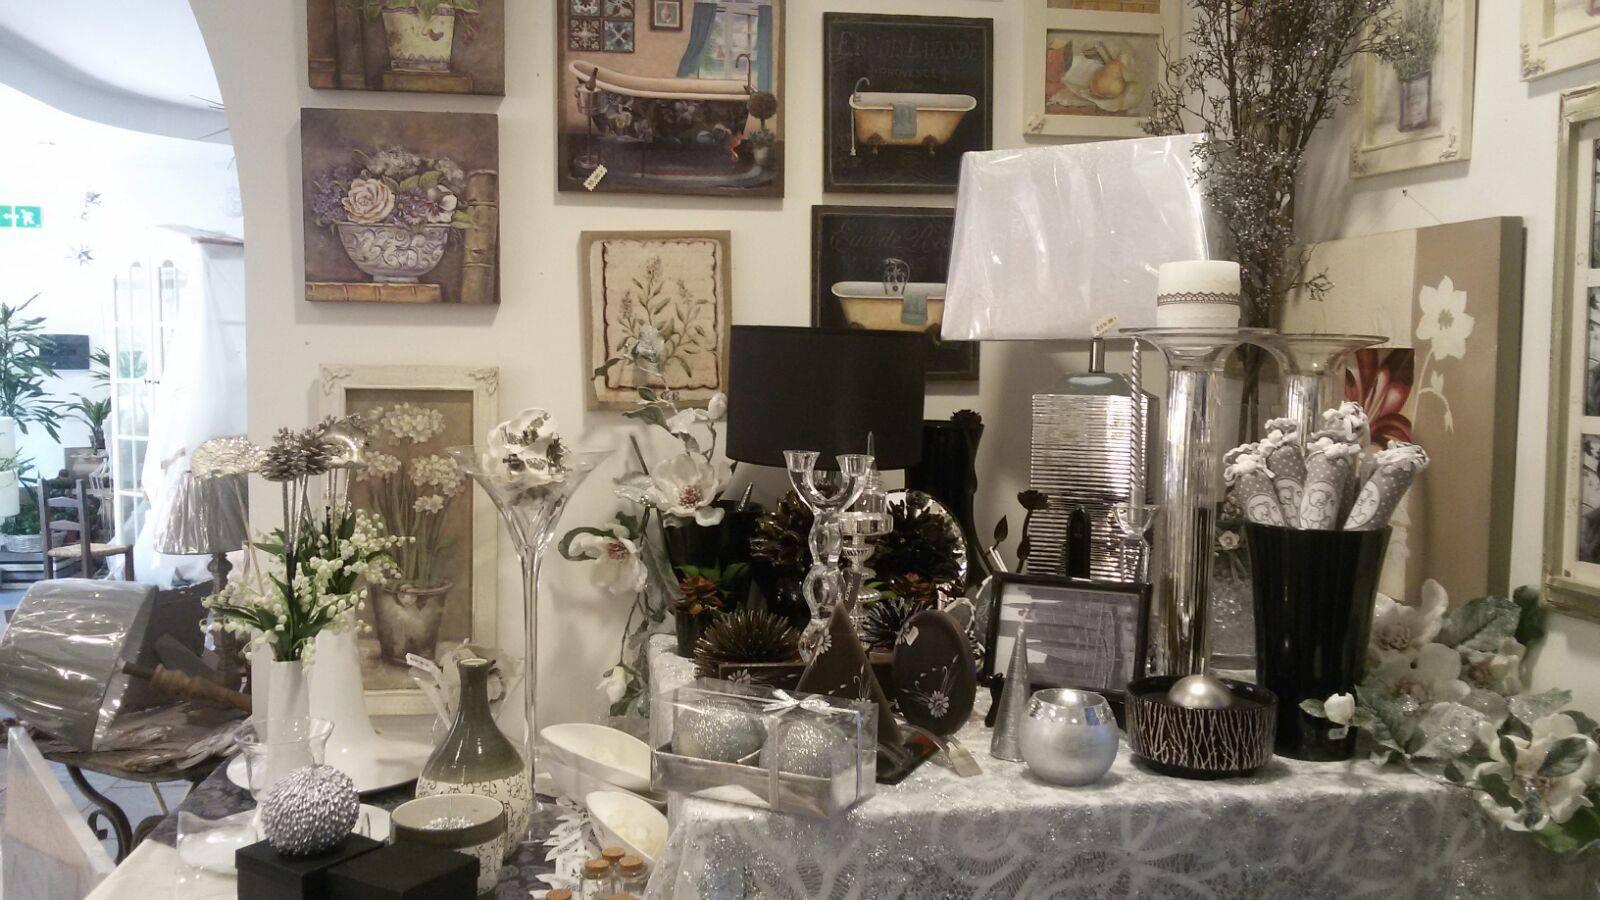 Delle decorazioni casalinghe e natalizie di color bianco e nero